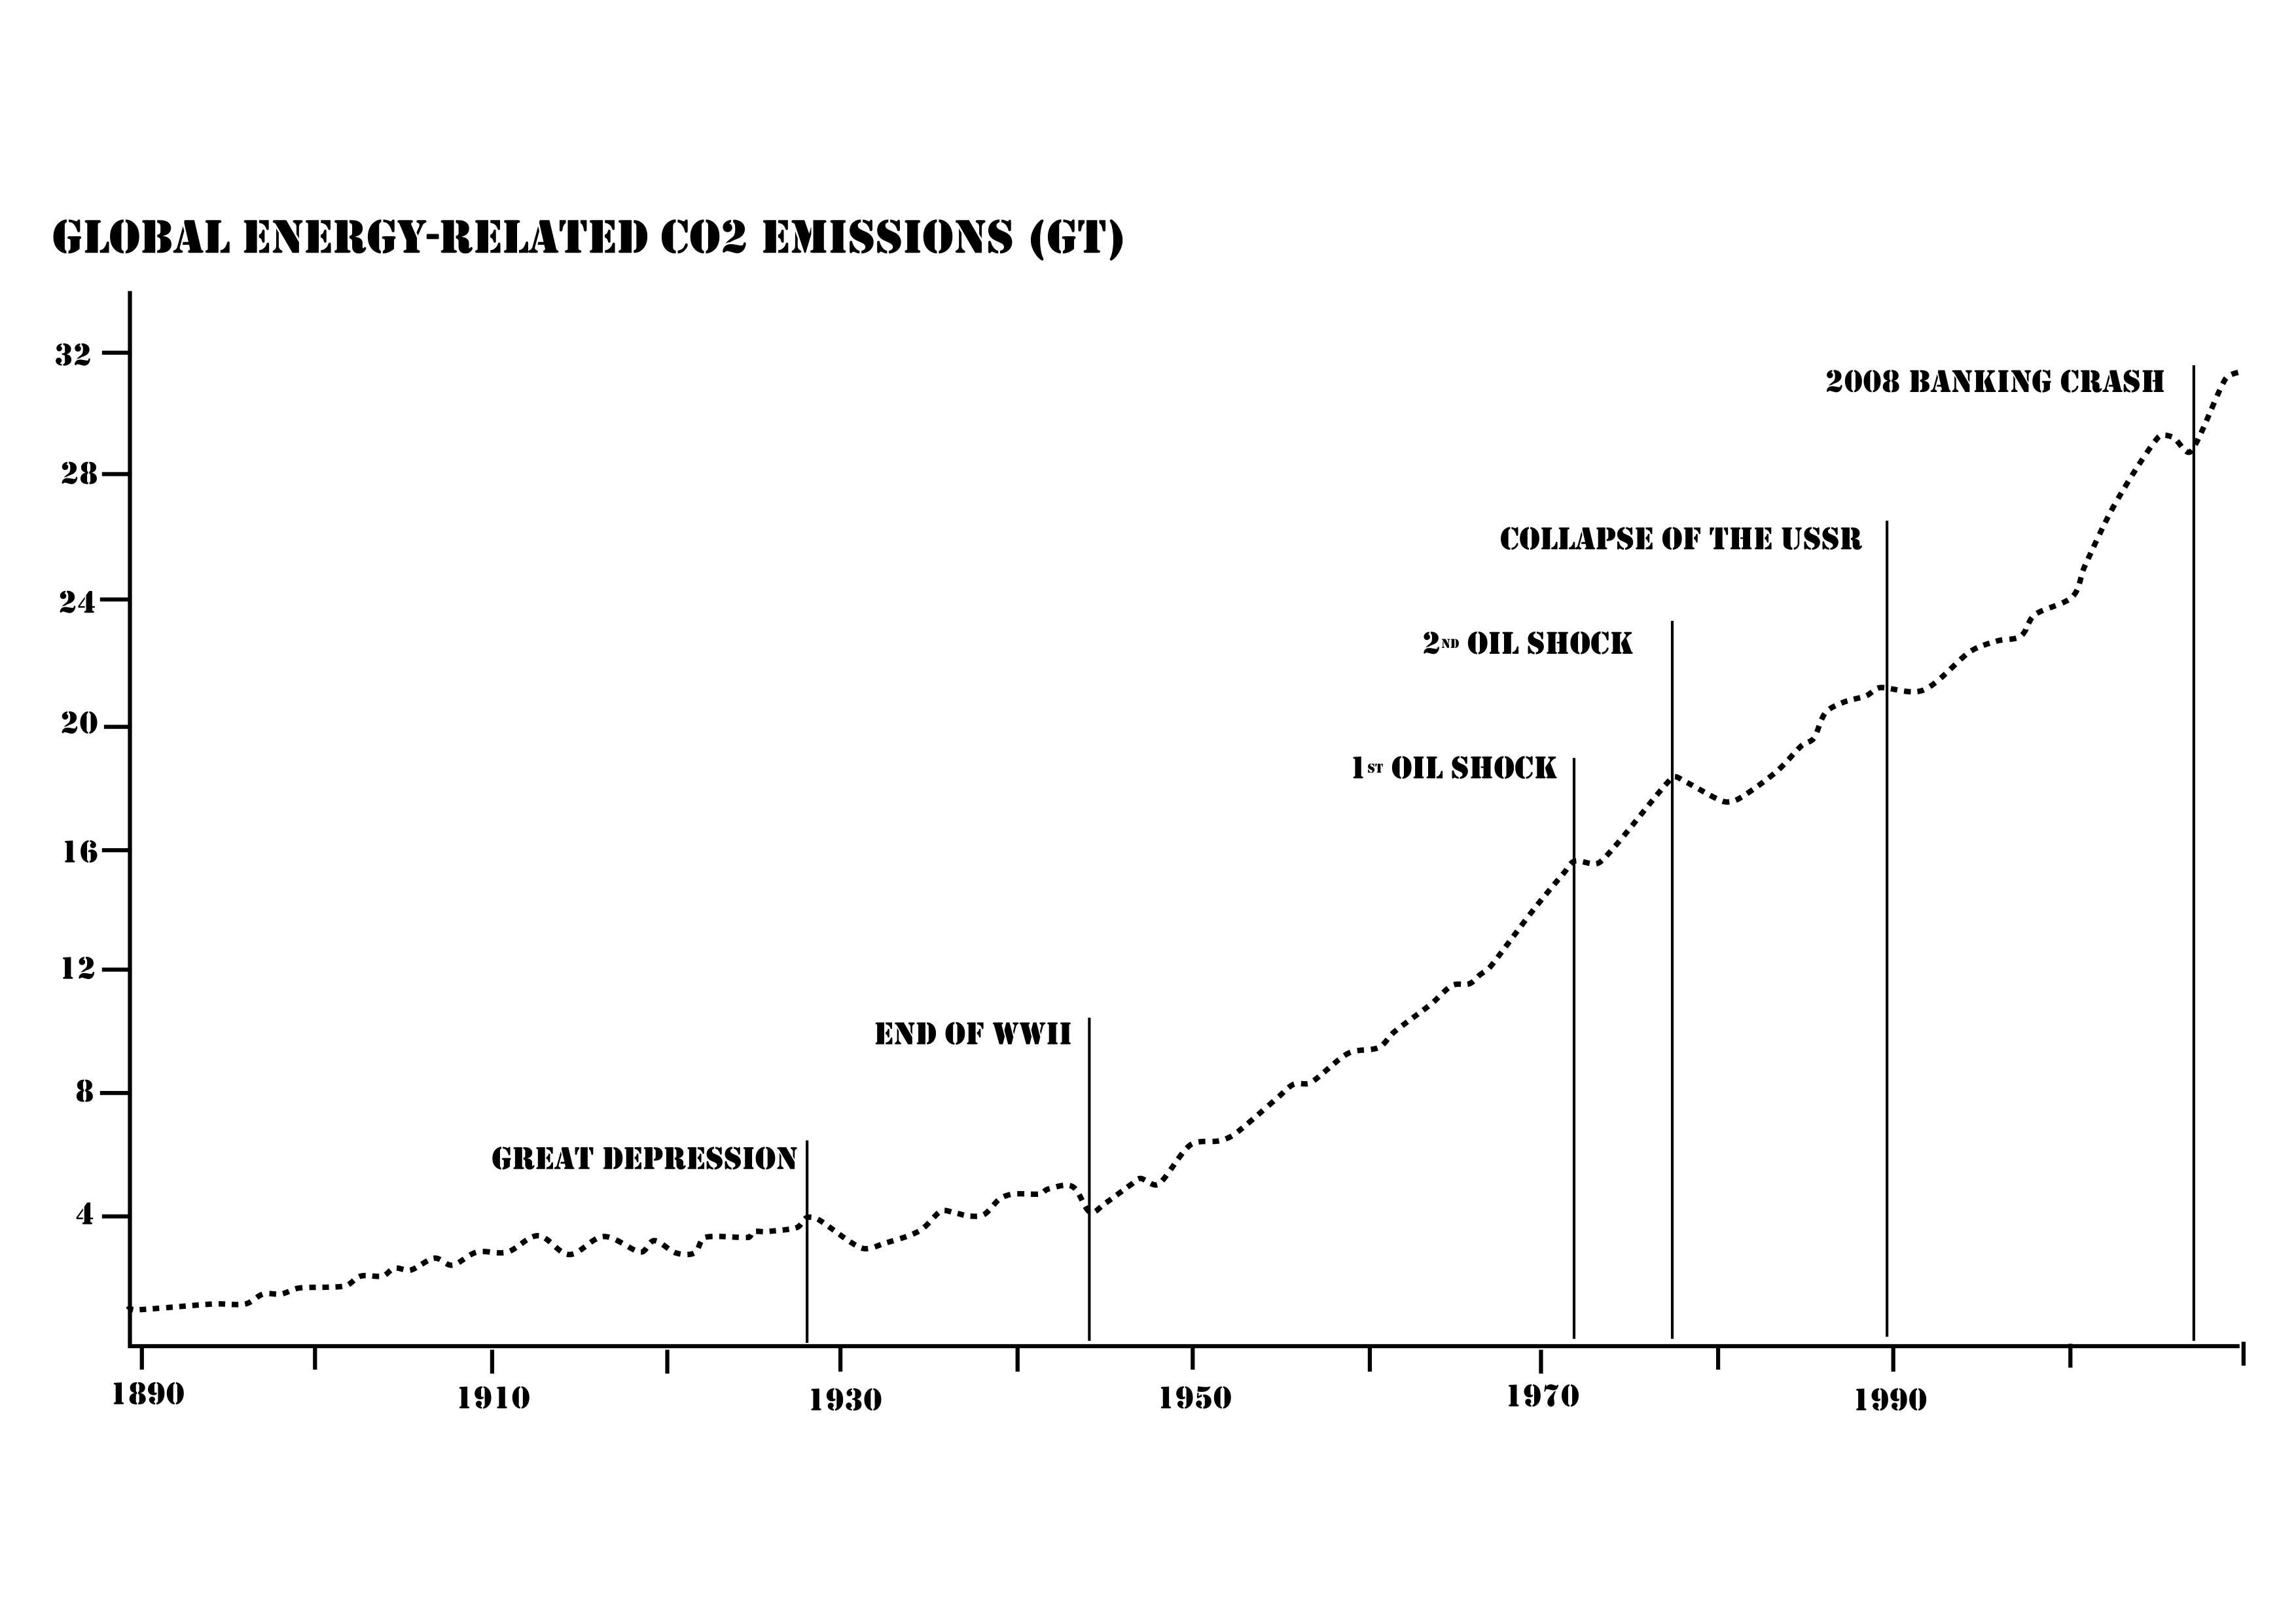 CO2 emmissions and slumps